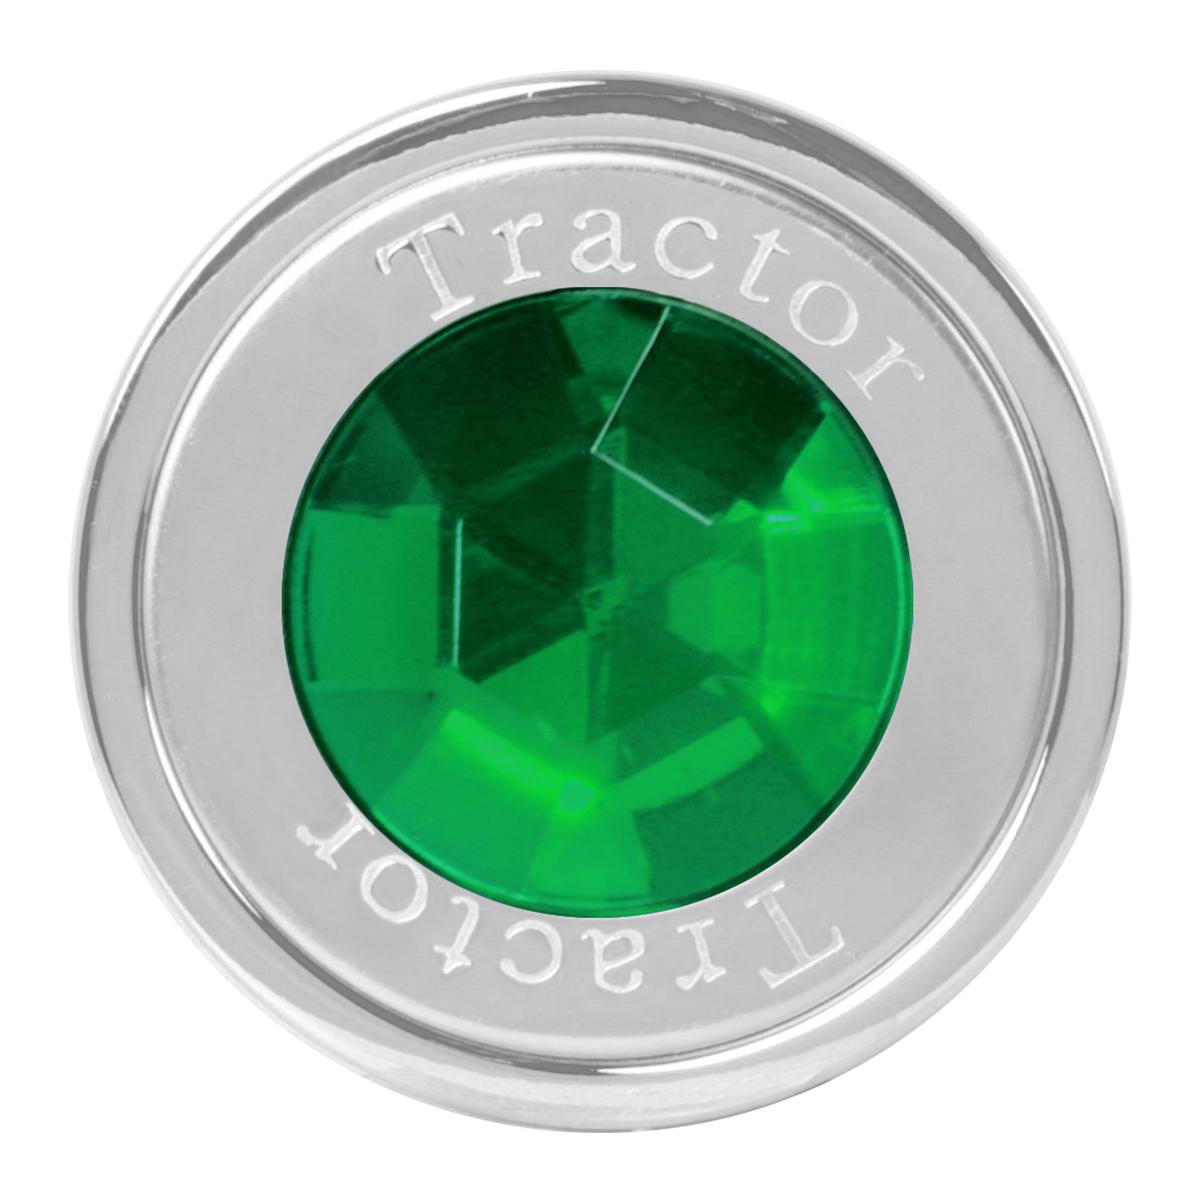 95833 Tractor Air Control Knob w/ Green Crystal